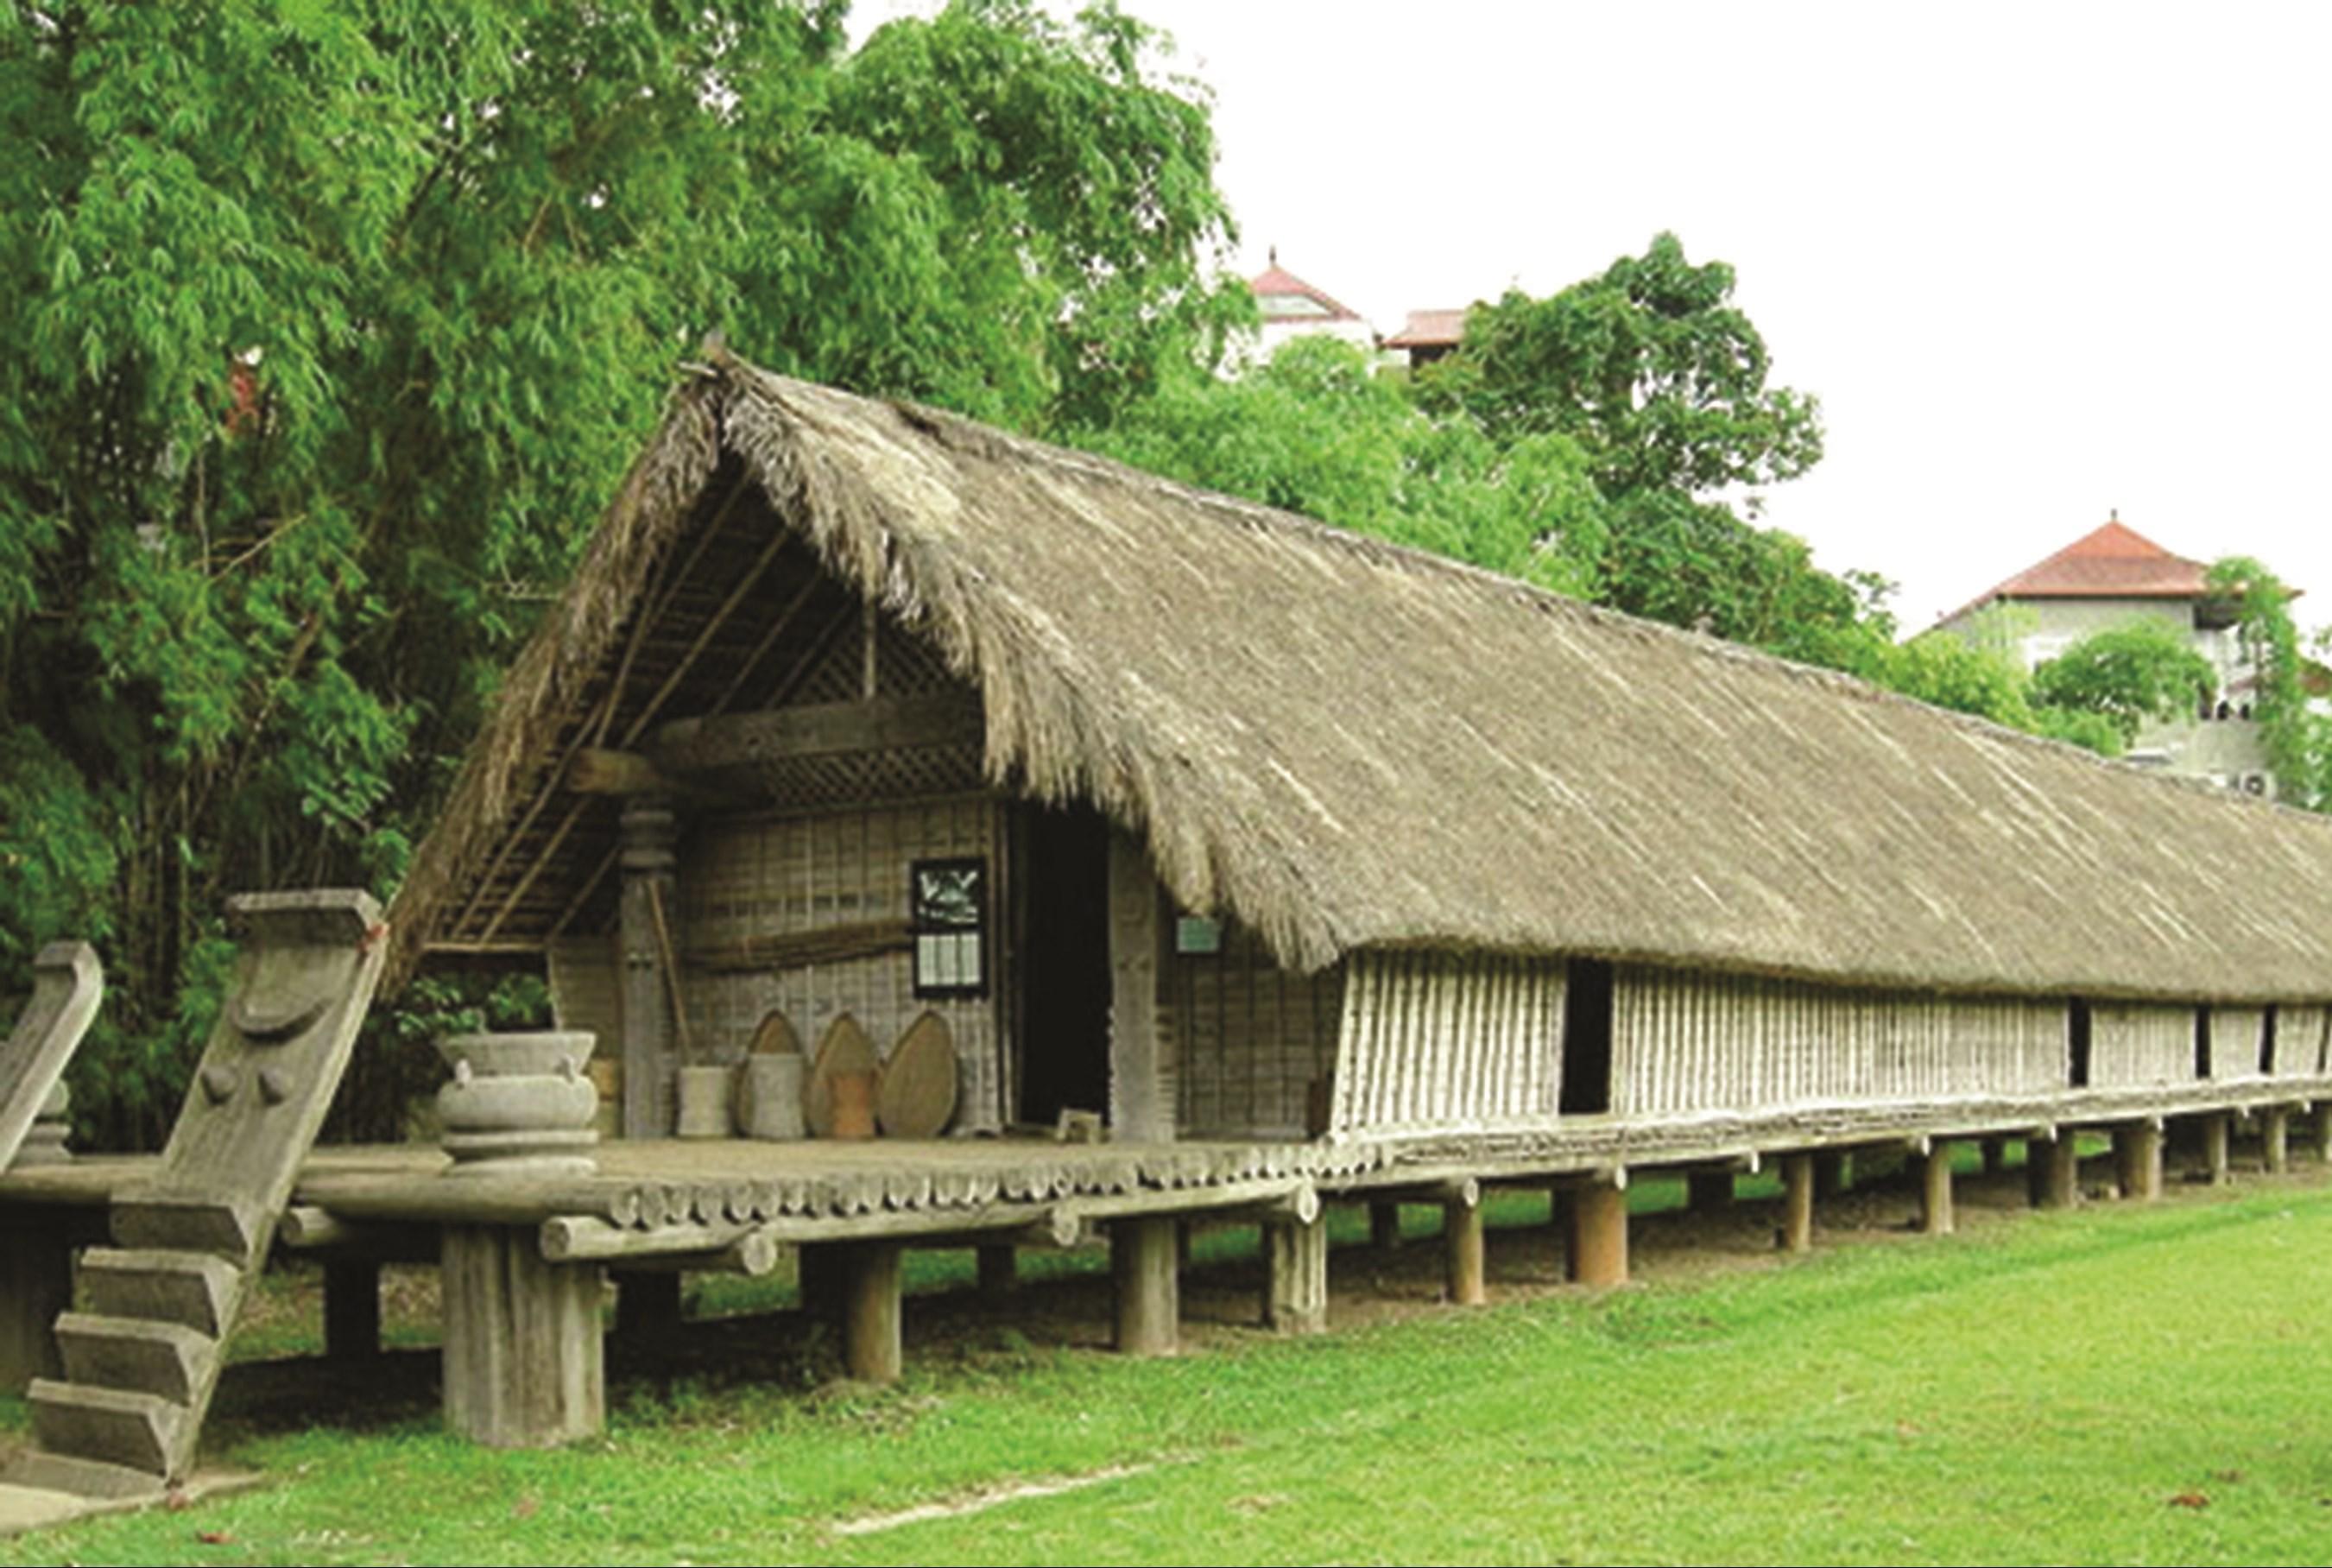 Nhà dài là kiến trúc đặc trưng của đồng bào dân tộc Ê Đê